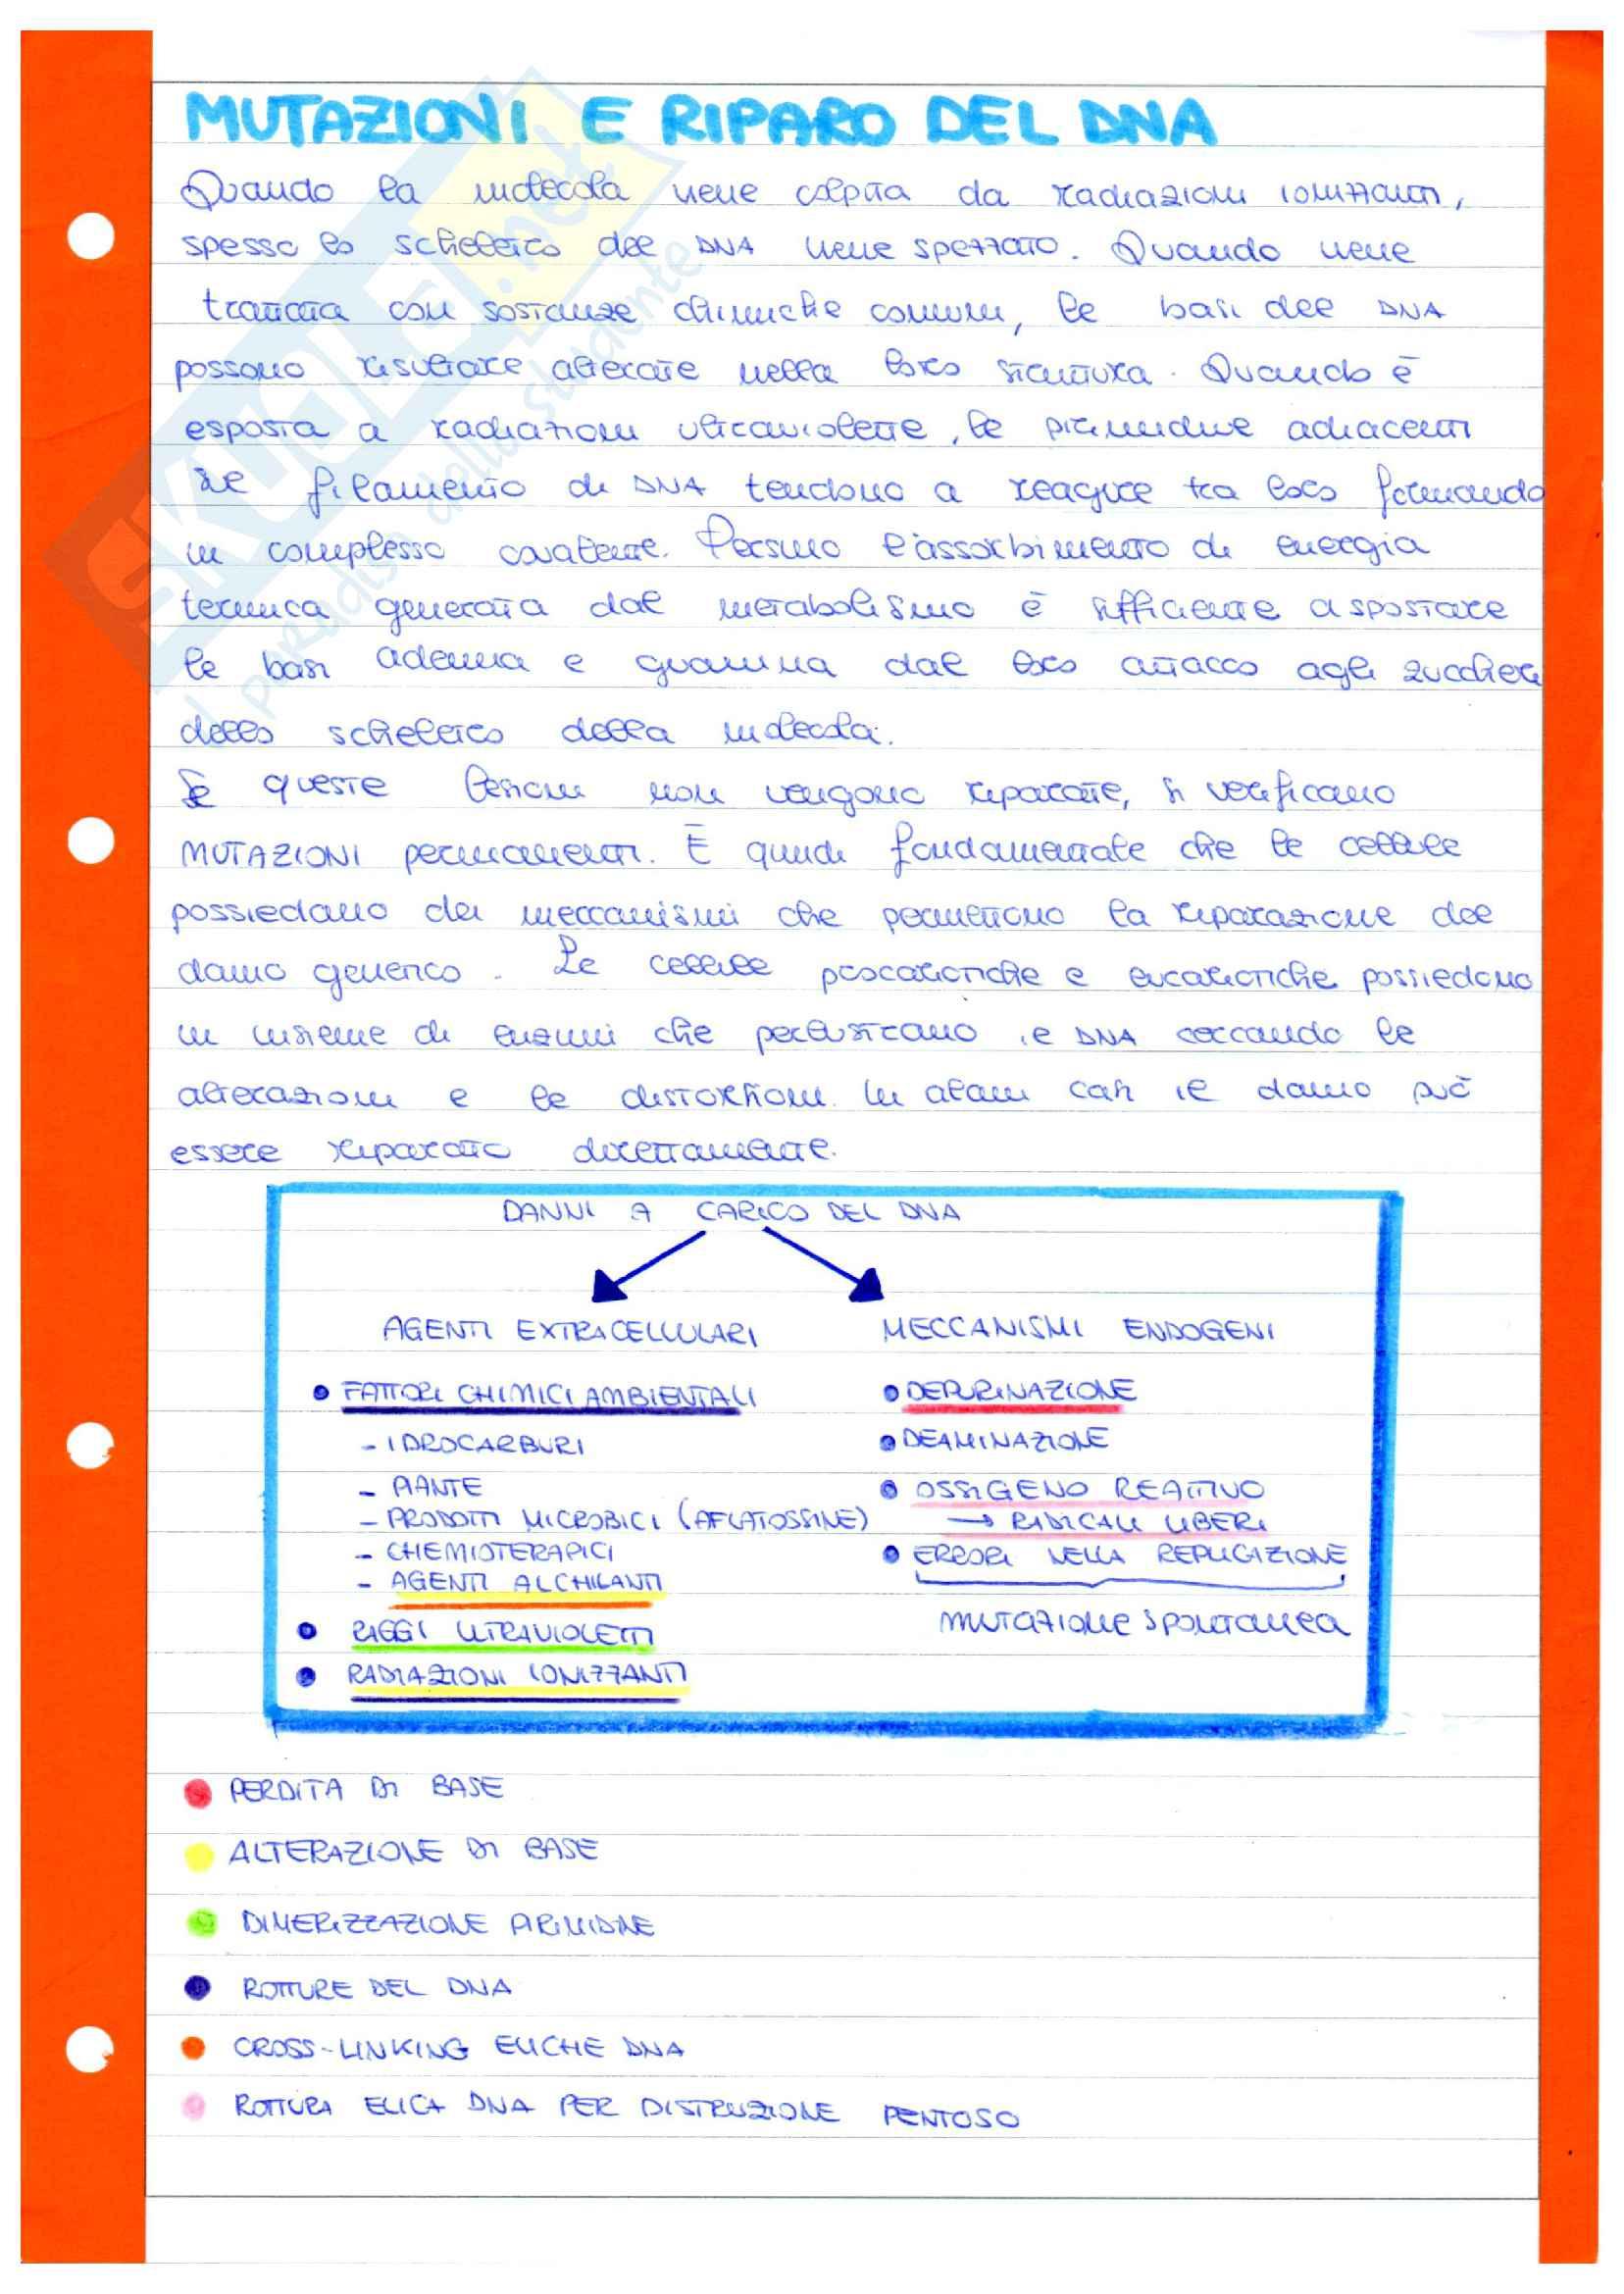 Molecole biologiche - DNA - duplicazione - trascrizione - traduzione Pag. 21